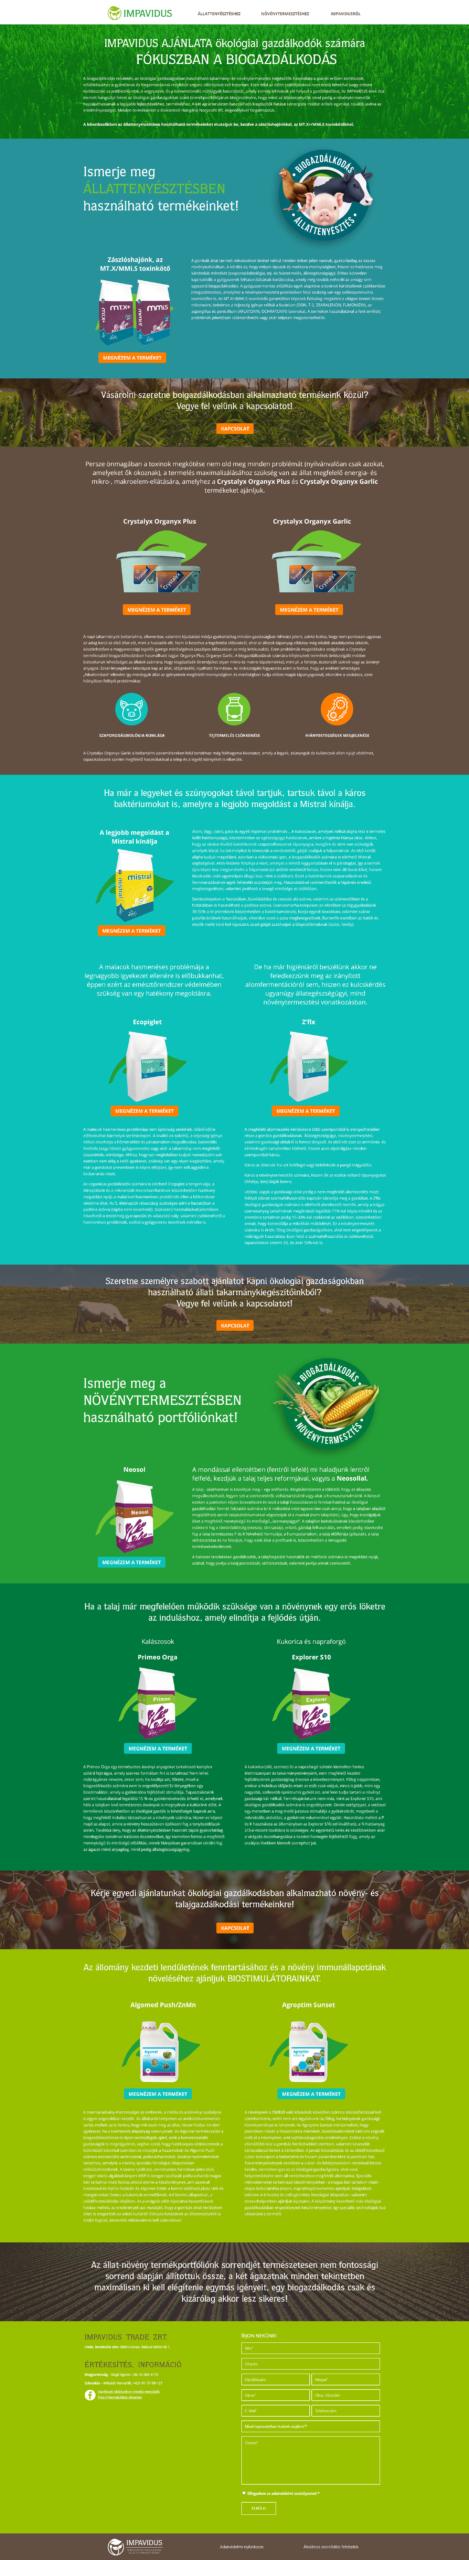 biogazdalkodas_WordPress_weboldal_fejlesztes